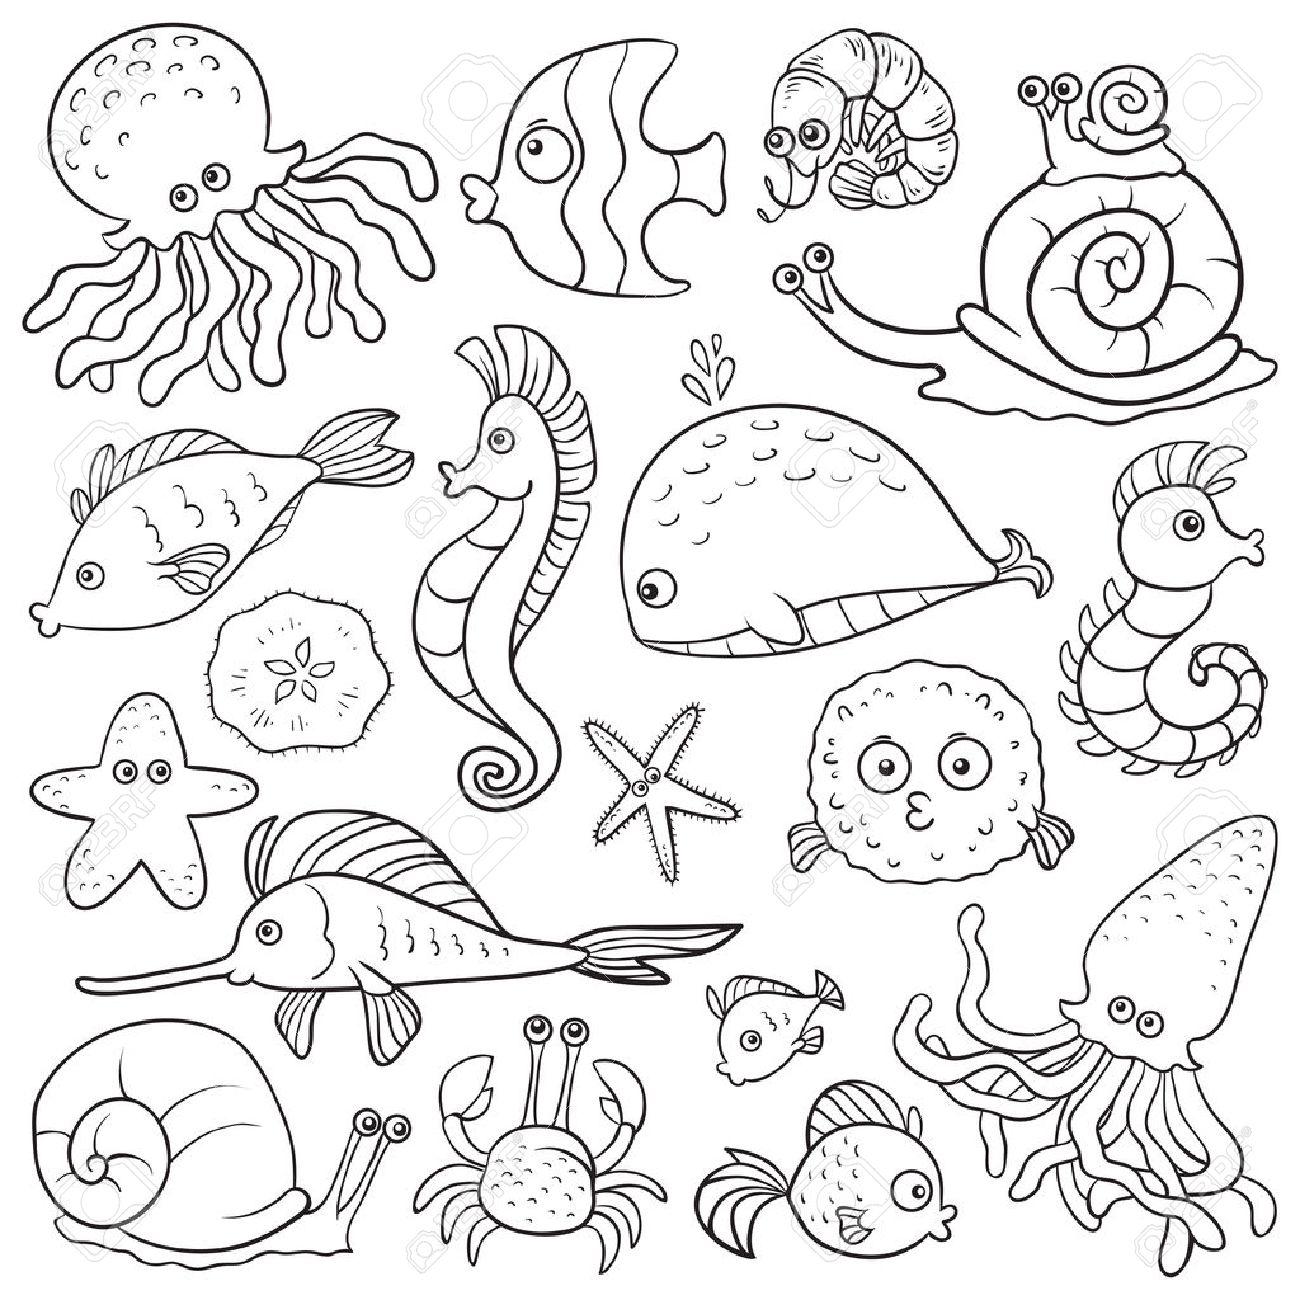 Lujoso Libro De Colorear De Biología Marina Imagen - Dibujos Para ...